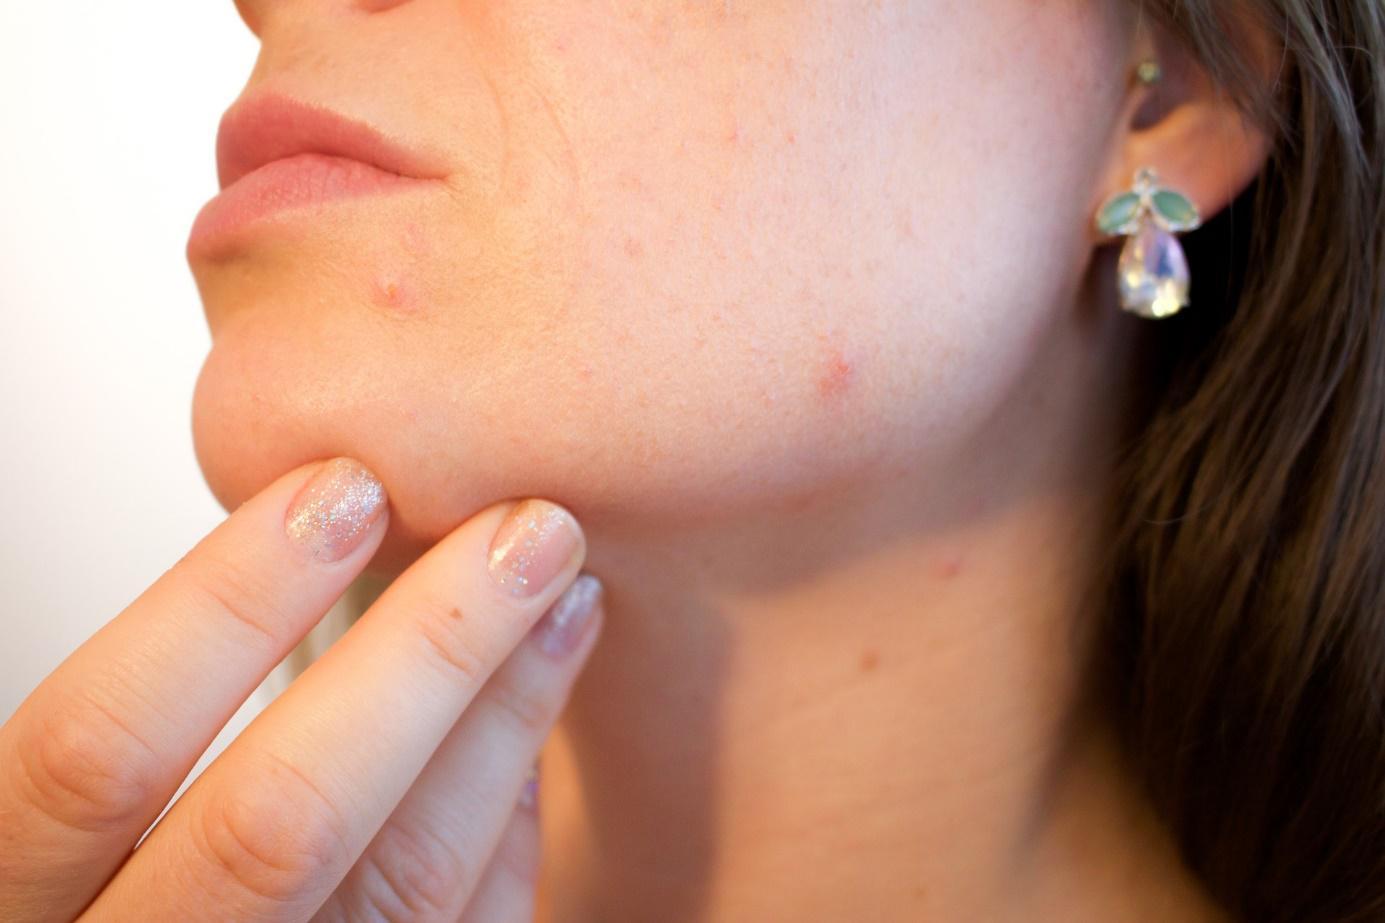 comment soigner l'acné